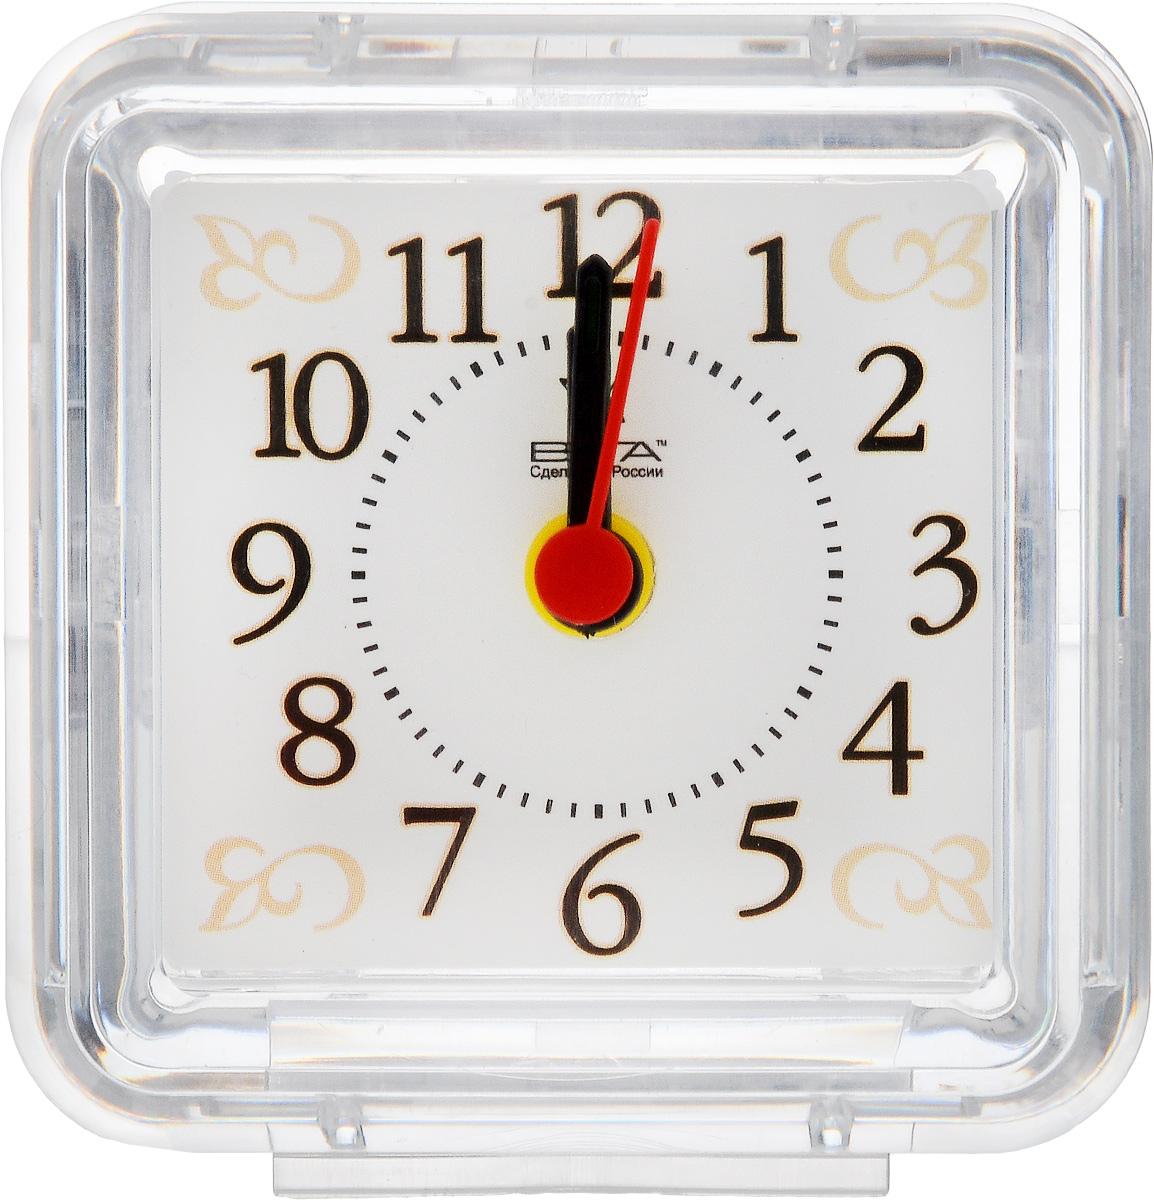 Часы-будильник Вега УзорБ1-025Настольные кварцевые часы Вега Узор изготовлены из прозрачного пластика. Часы имеют три стрелки - часовую, минутную и стрелку завода. Такие часы красиво и оригинально украсят интерьер дома или рабочий стол в офисе. Также часы могут стать уникальным, полезным подарком для родственников, коллег, знакомых и близких. Часы работают от батарейки типа АА (в комплект не входит). Имеется инструкция по эксплуатации на русском языке.